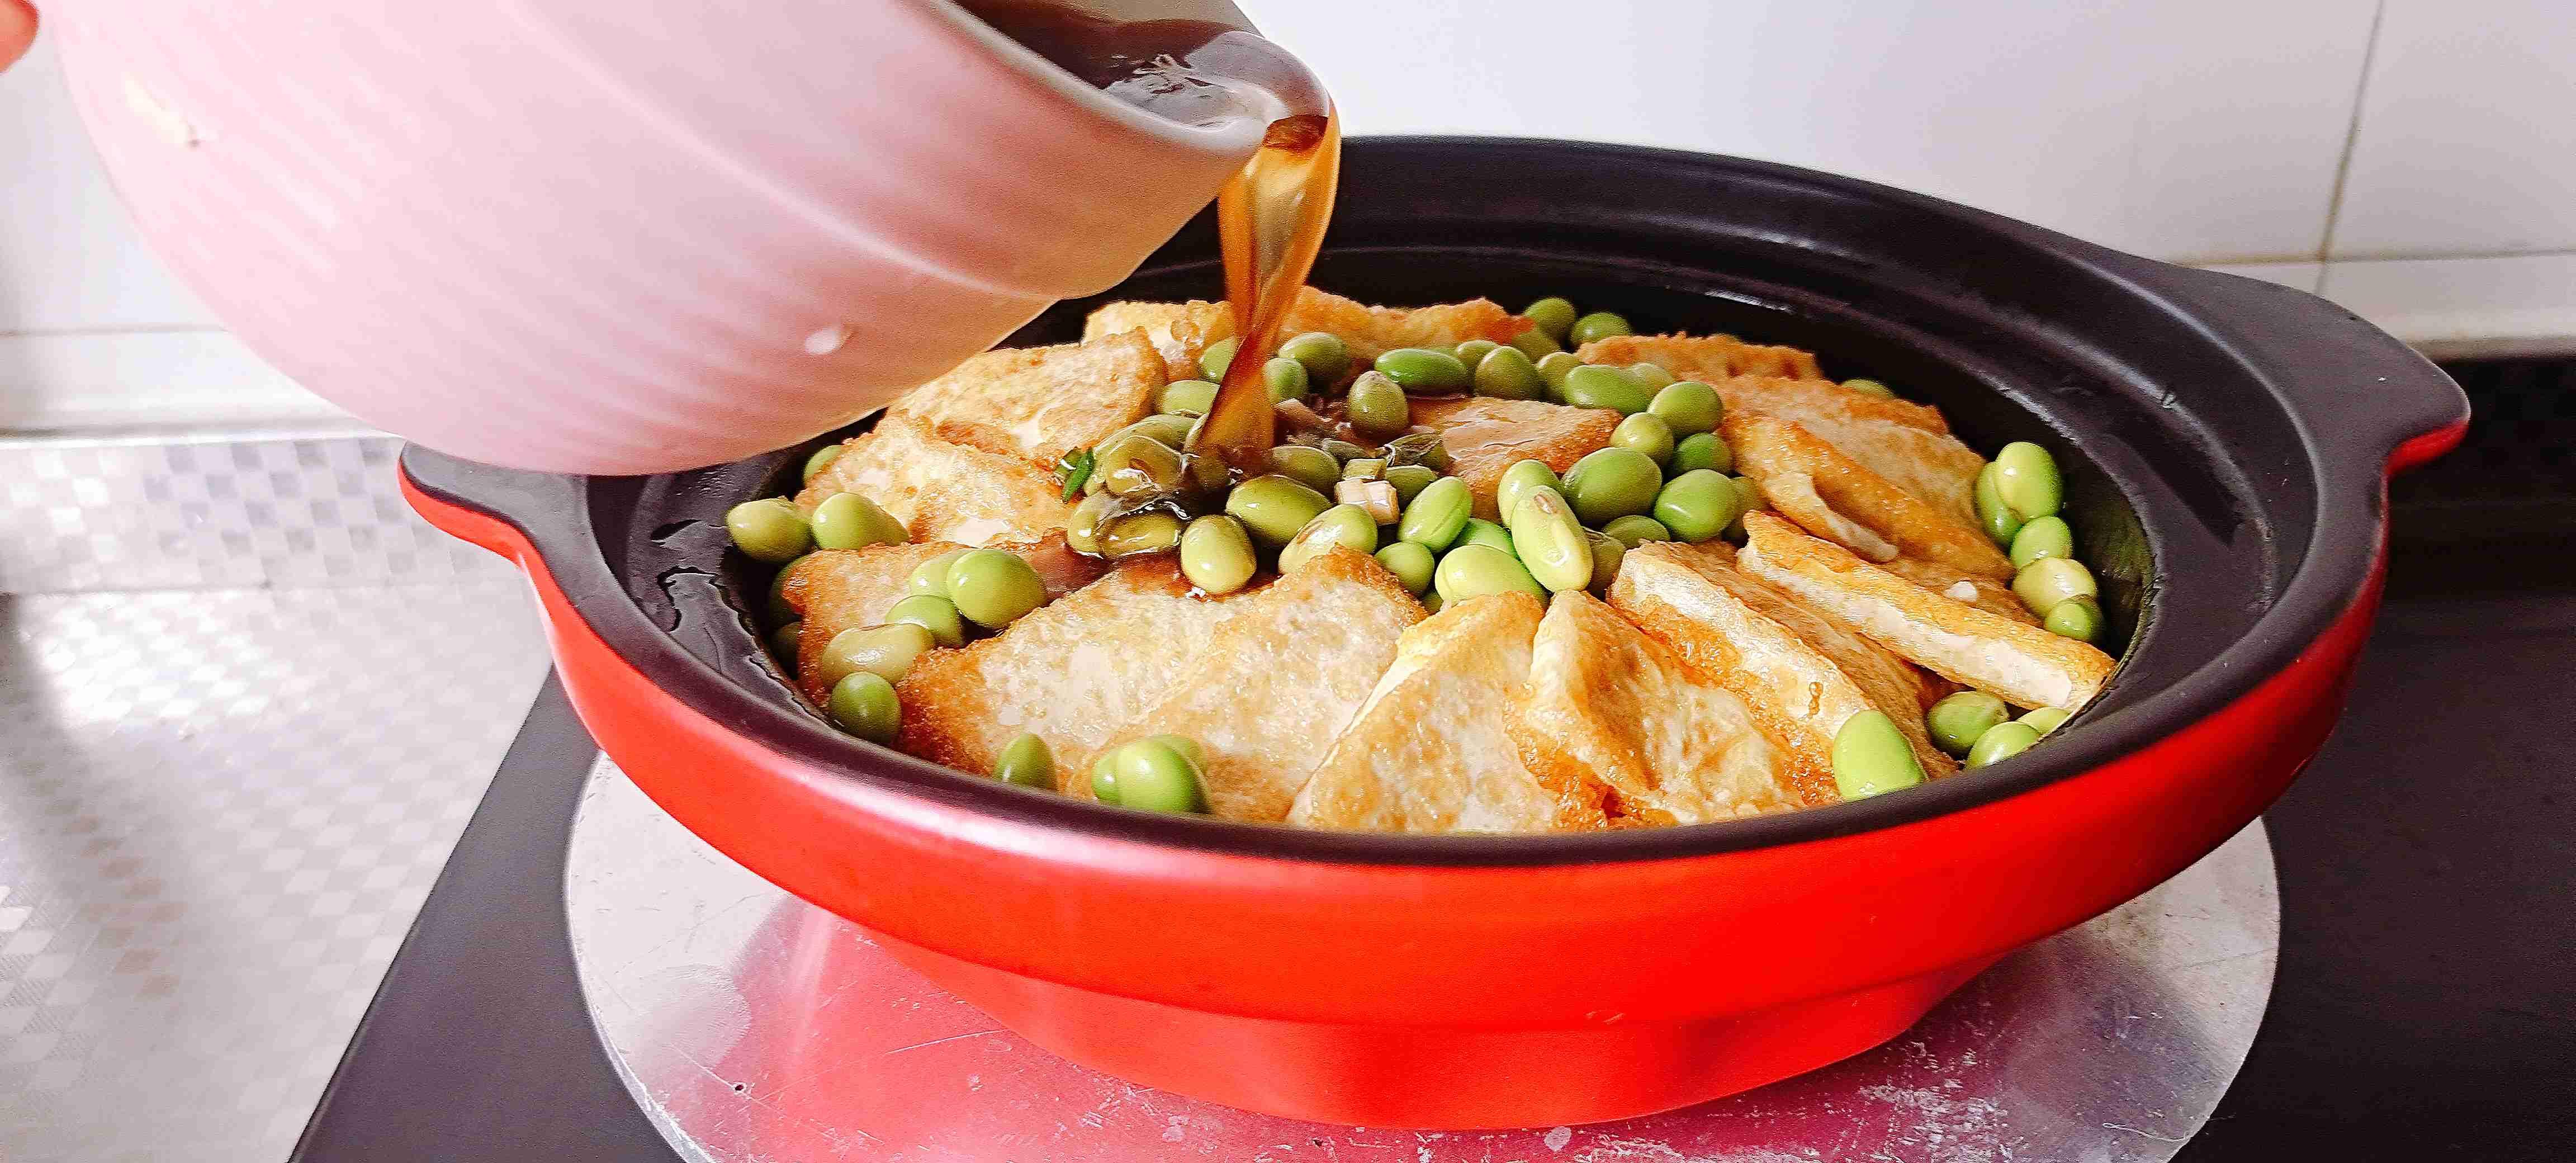 秋冬这样吃豆腐,暖身又下饭…金针豆腐煲怎么煸